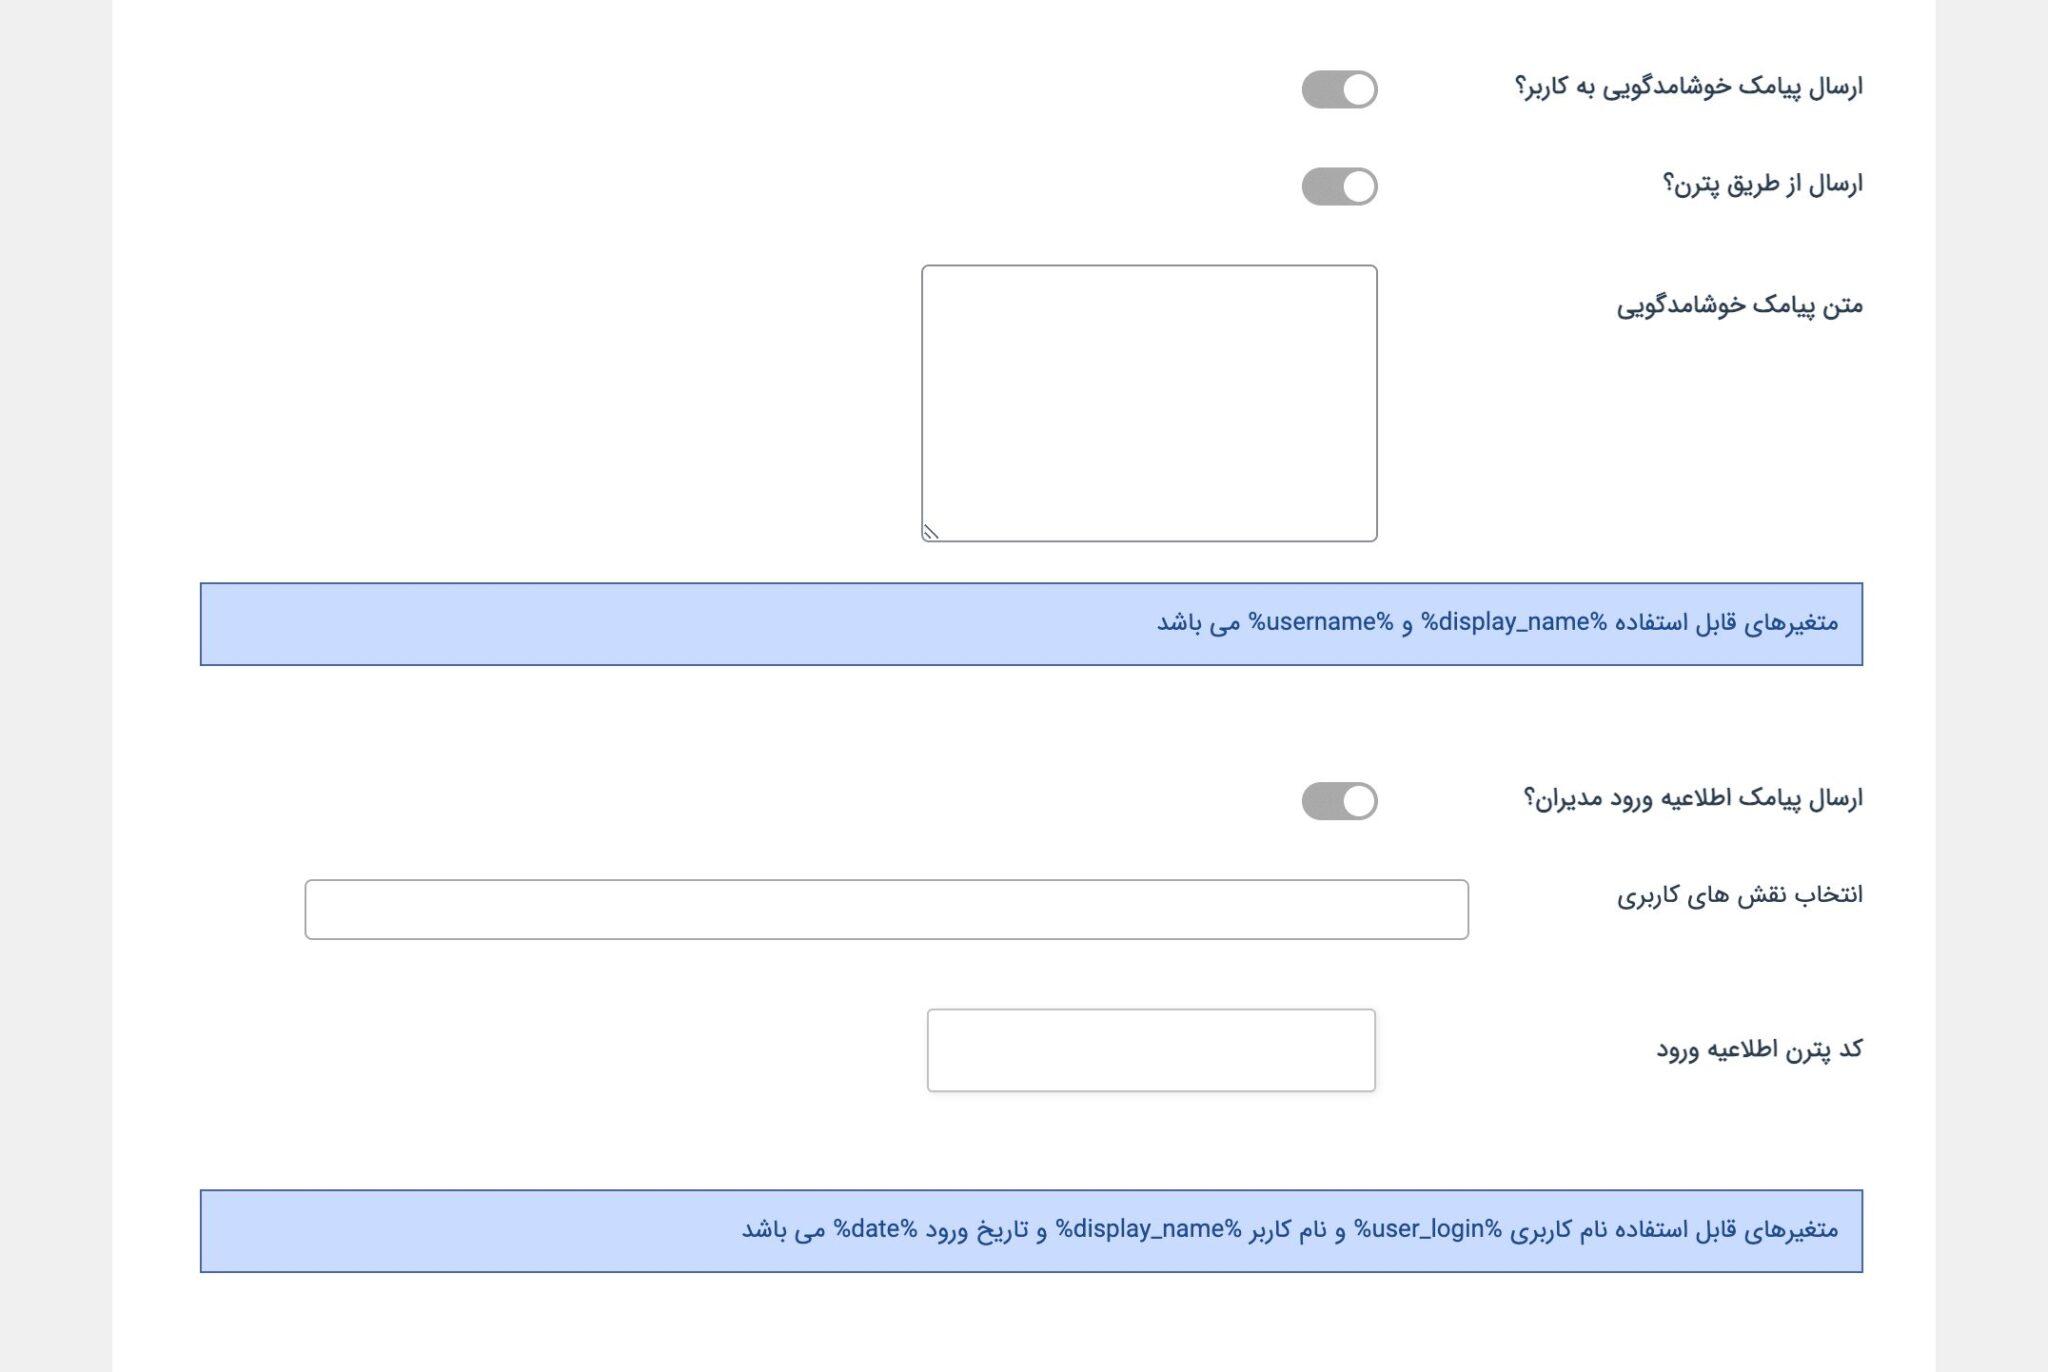 ارسال پیامک کد رهگیری در وردپرس - ارسال پیامک نظرسنجی بعد از خرید محصولات در وردپرس